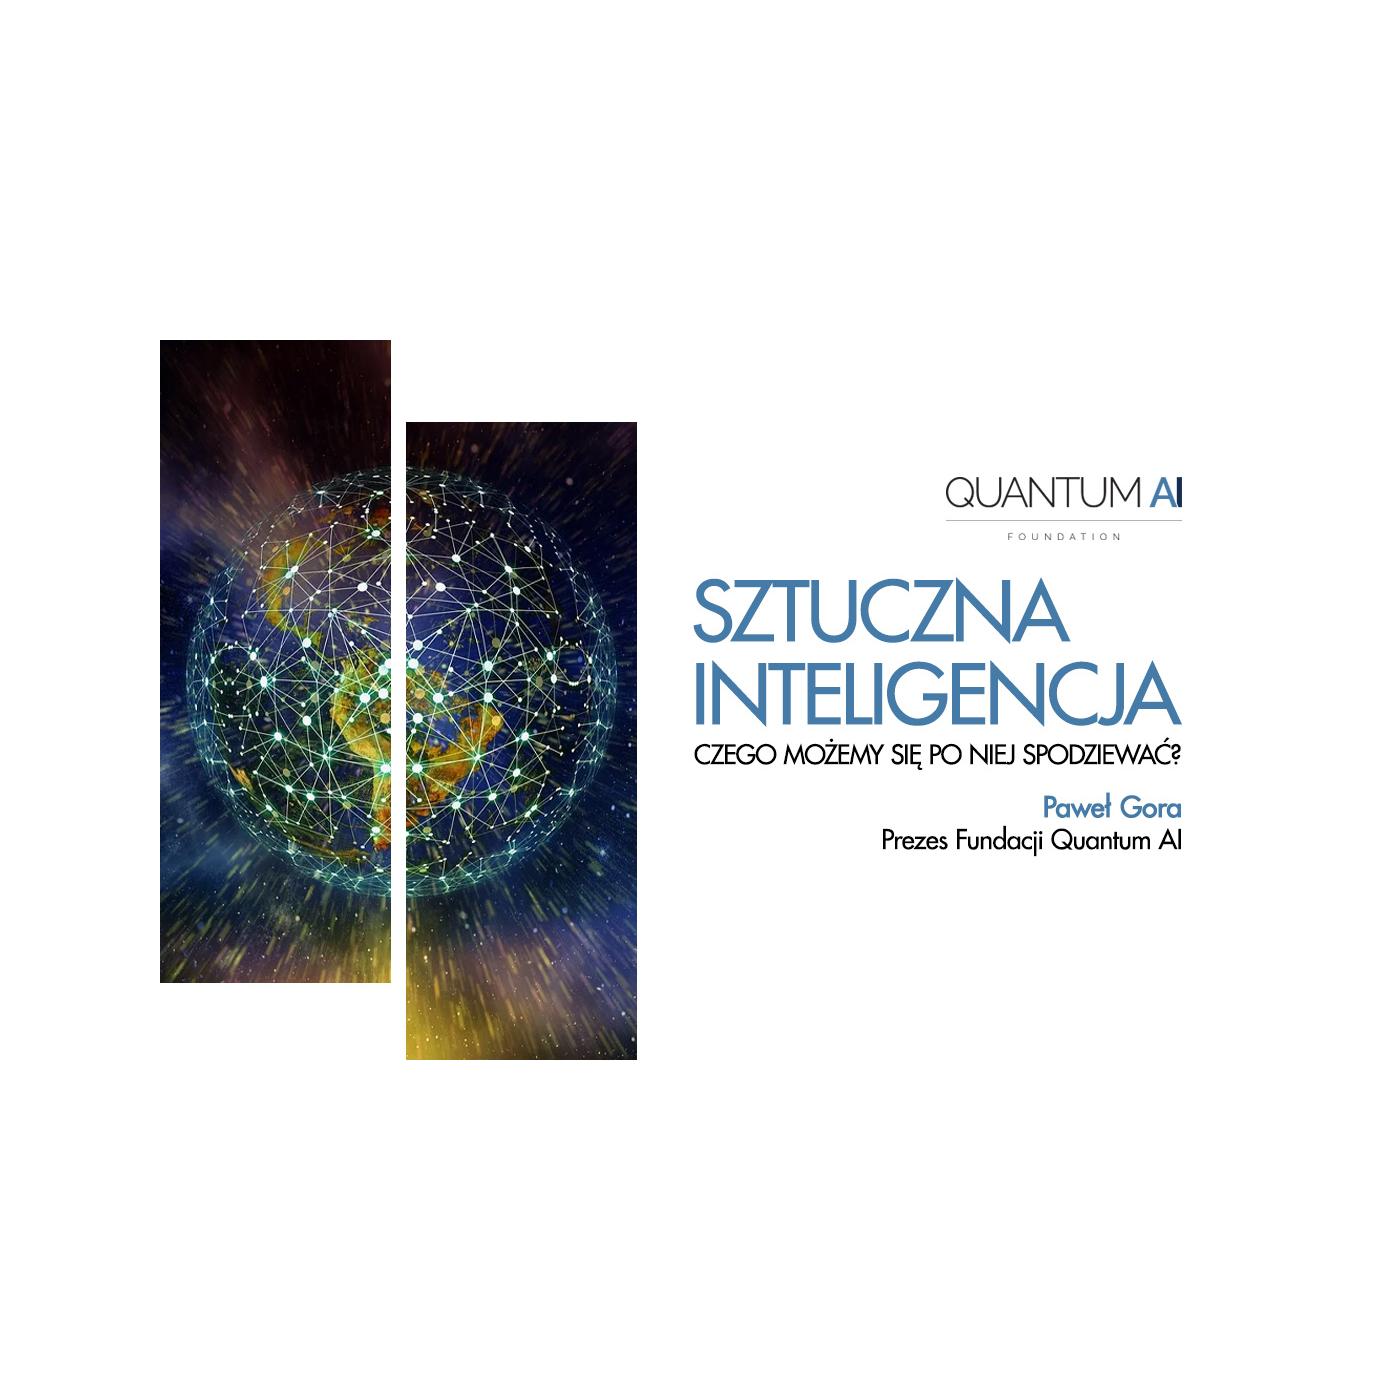 Sztuczna inteligencja – czego możemy się po niej spodziewać?